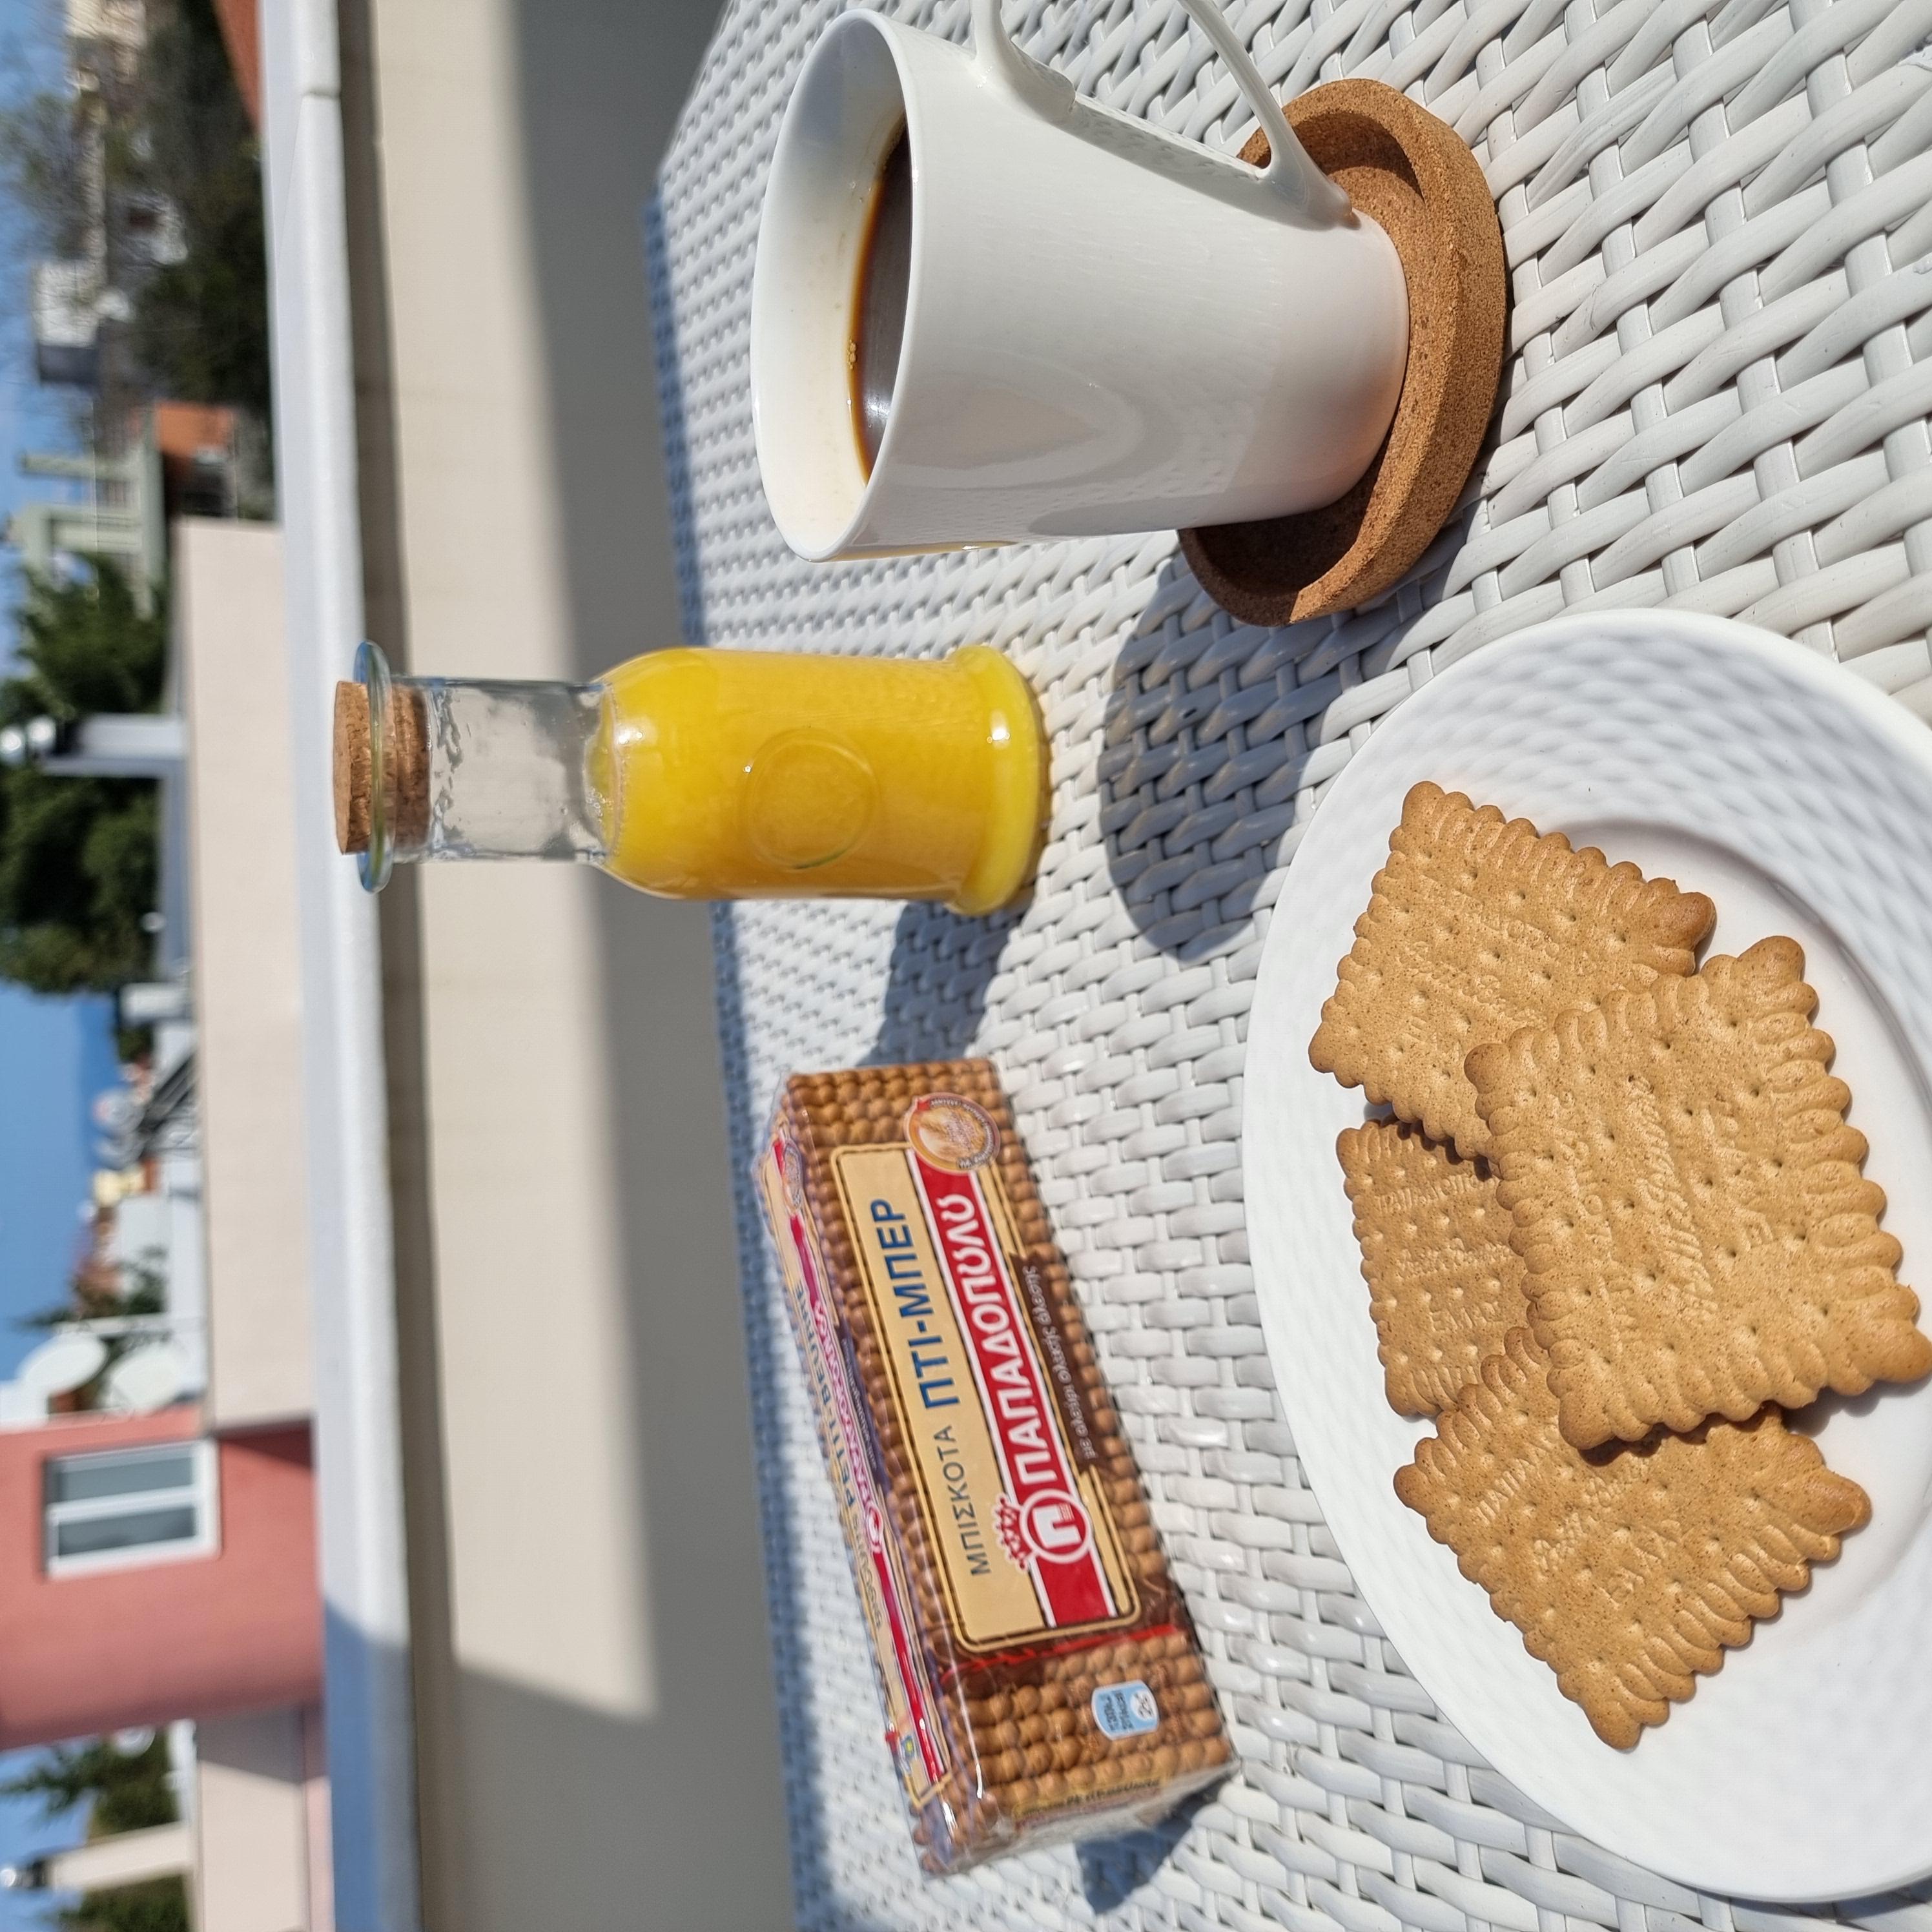 Image for Πρωινό στο μπαλκόνι με Πτι Μπερ ολικής και καφέ!